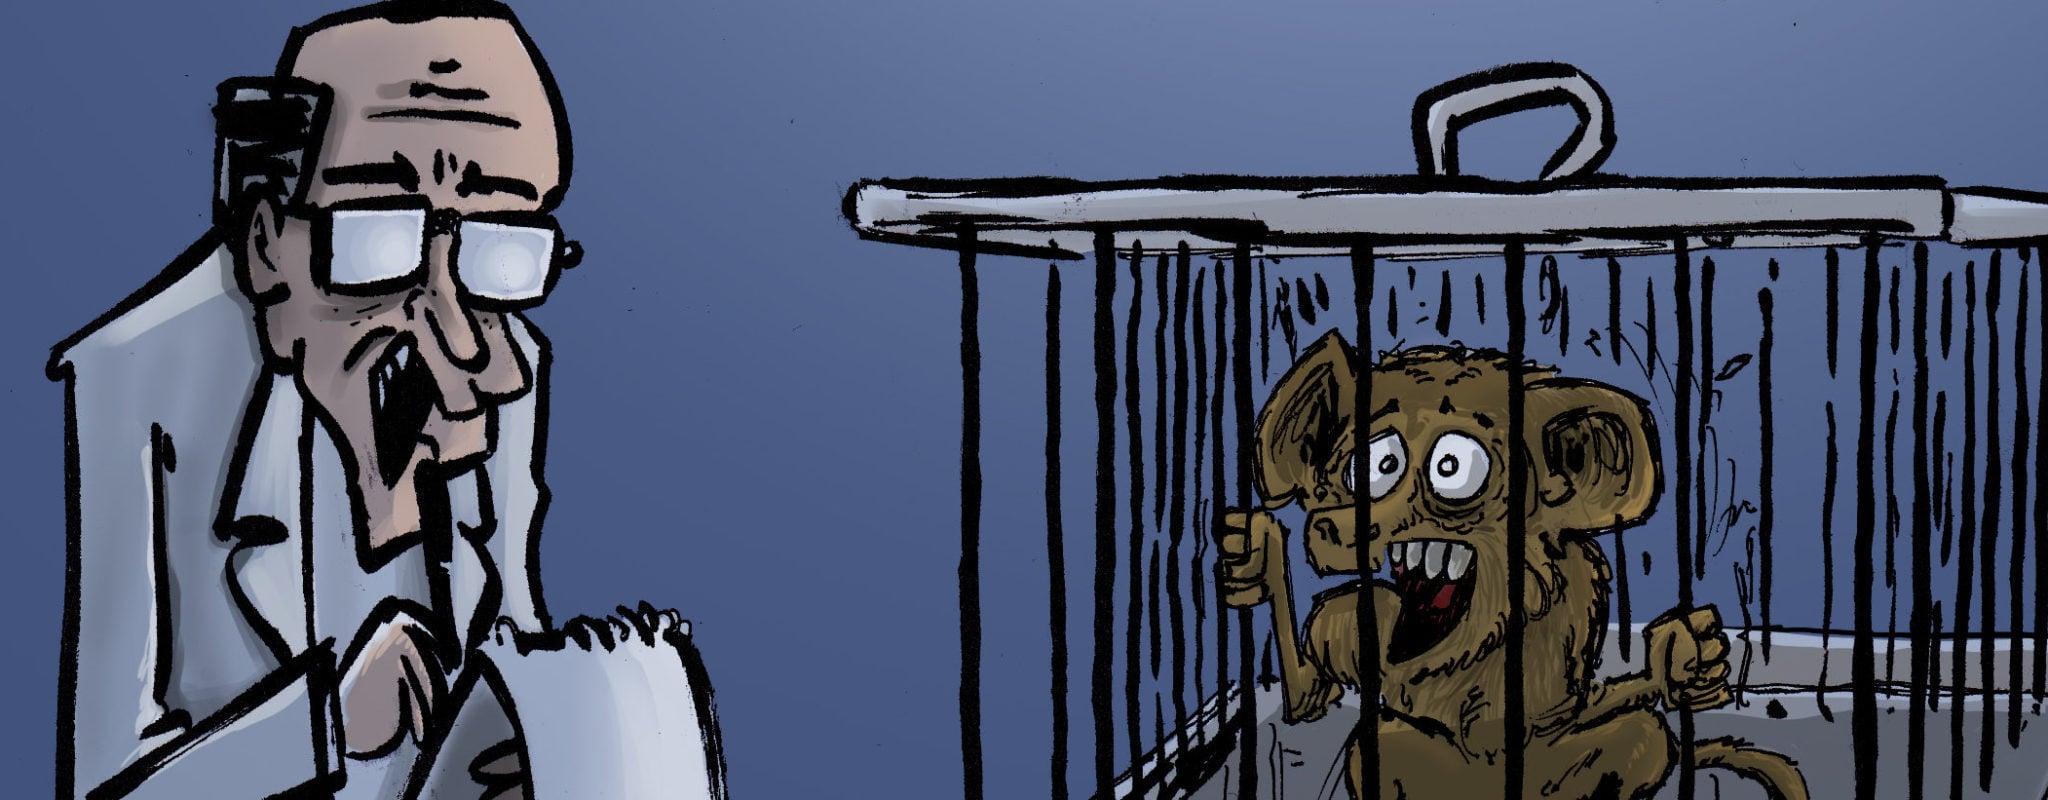 La dure vie des singes pensionnaires de l'université